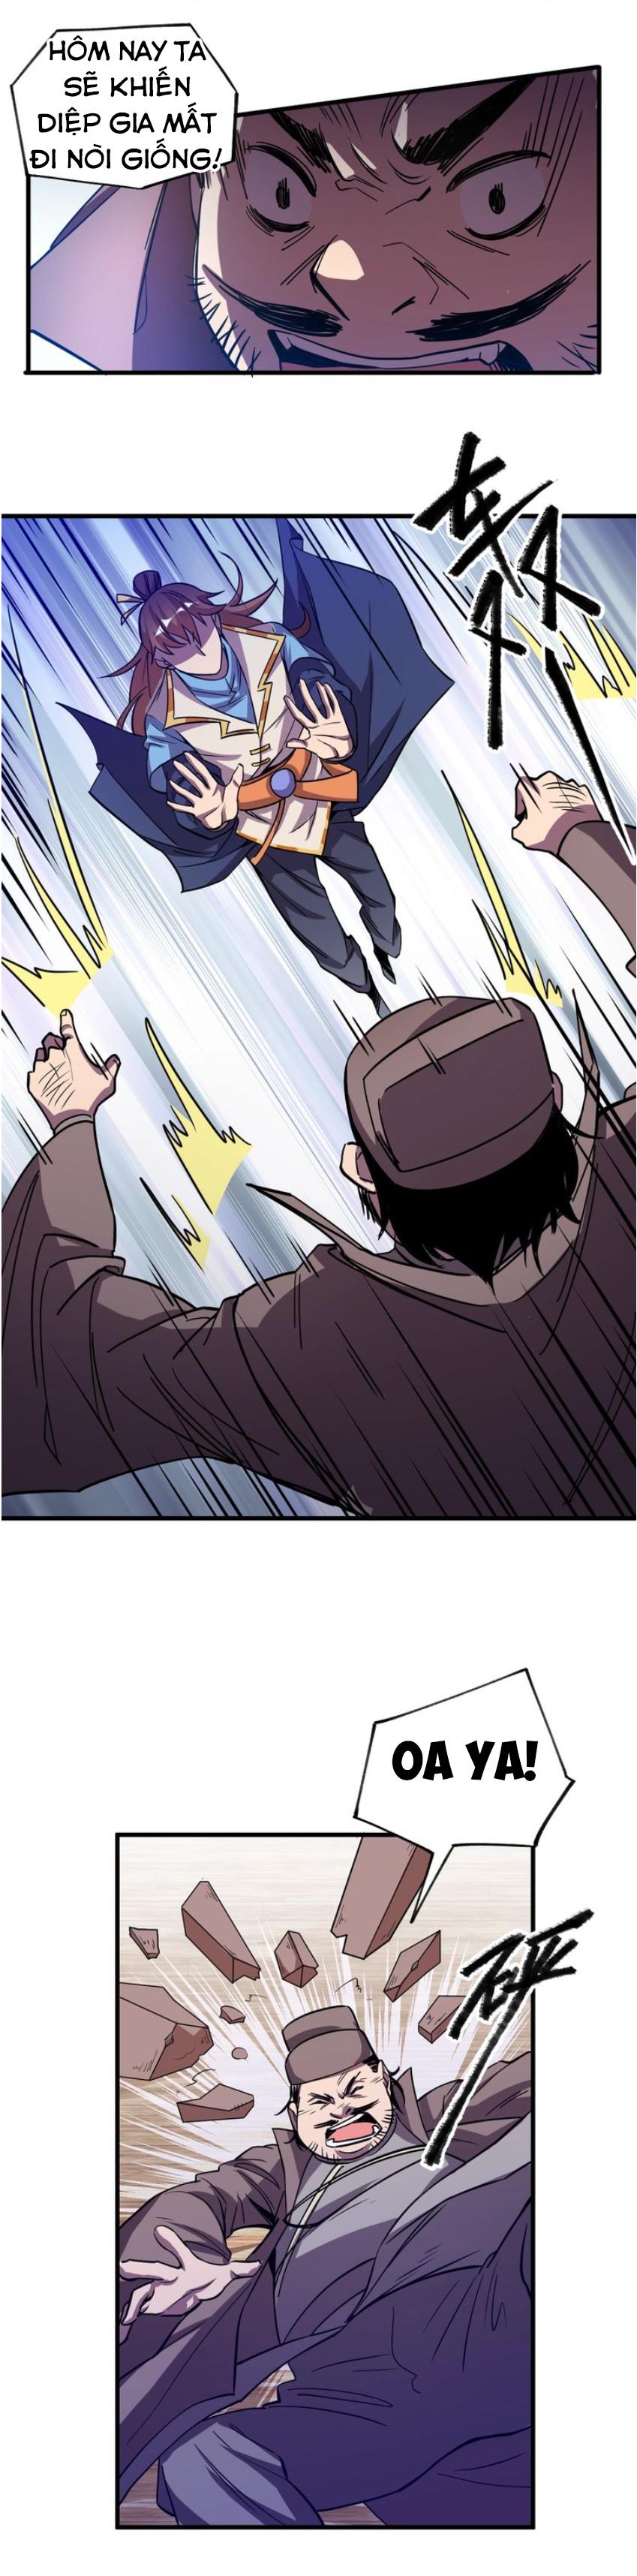 Ngự Thiên Thần Đế Chapter 28 video - Hamtruyen.vn